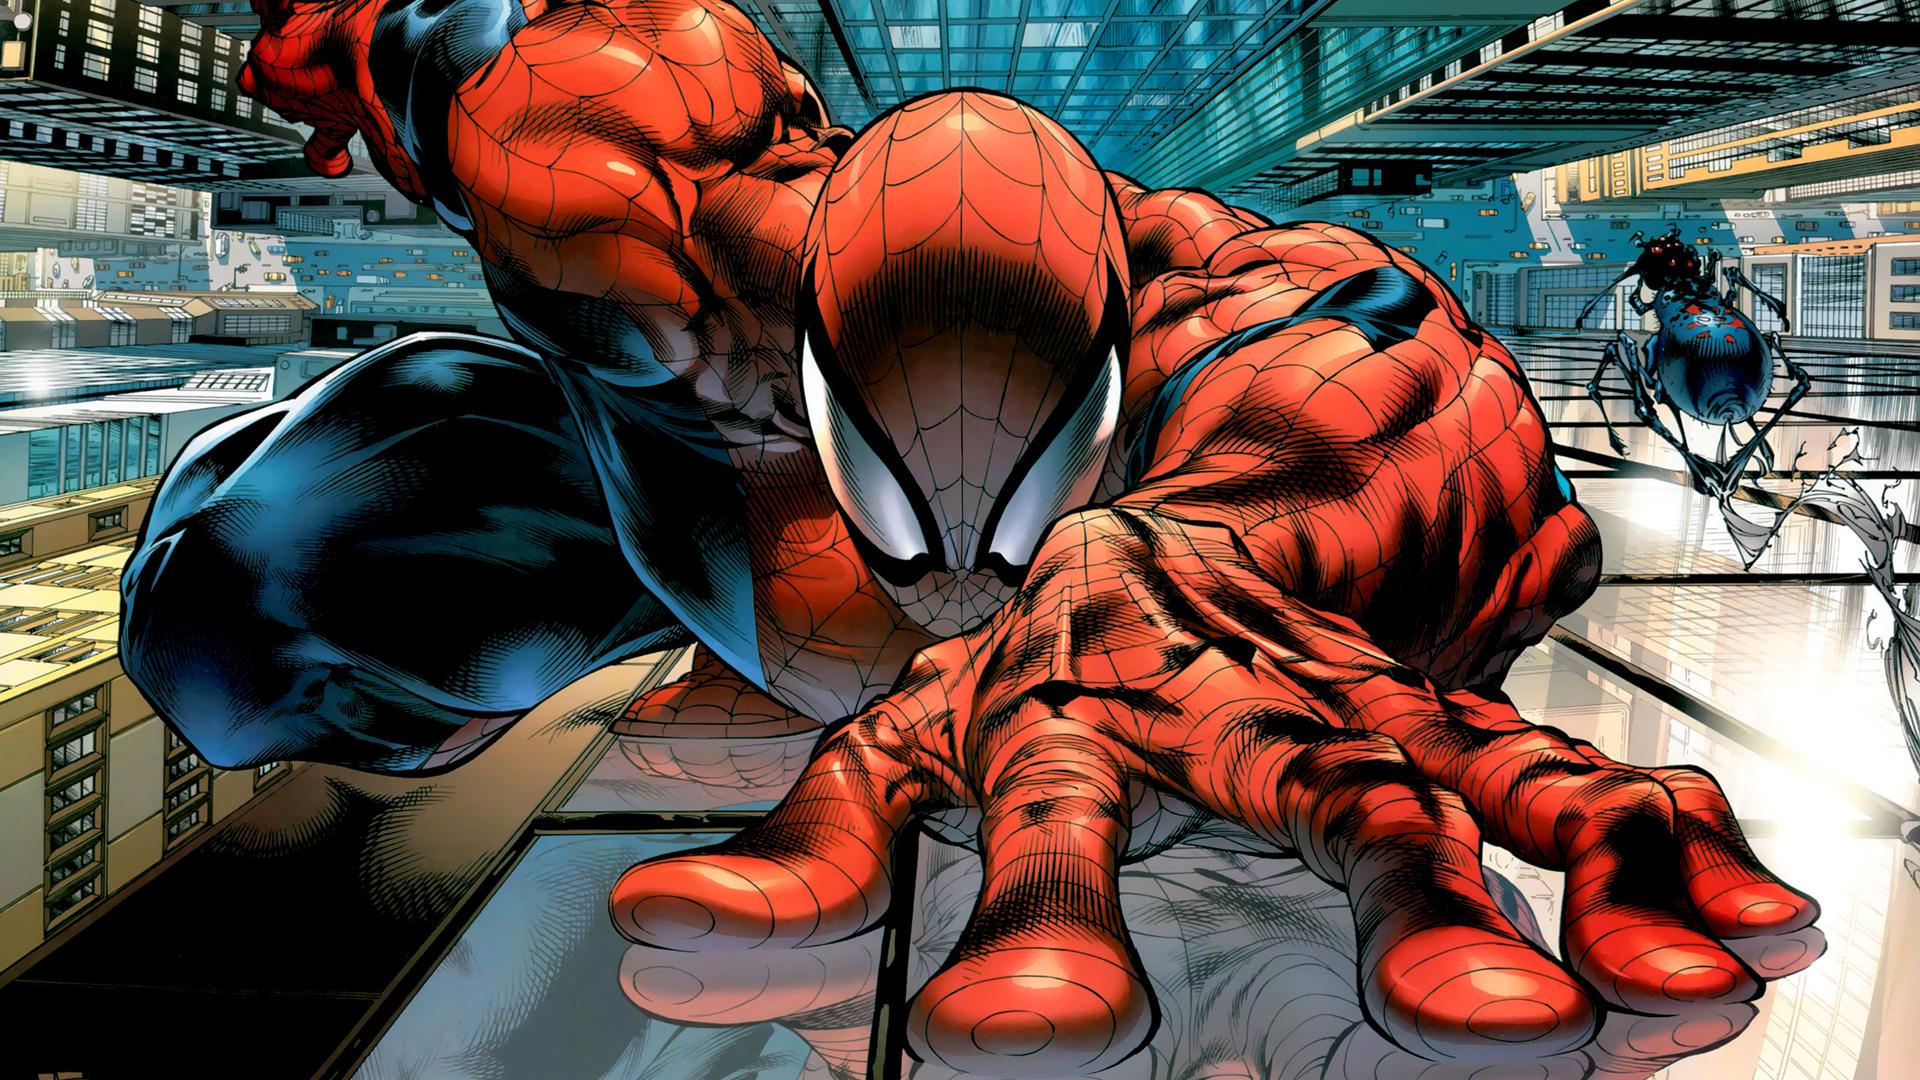 Hd wallpaper comic - Comics Spider Man Wallpaper 1920x1080 Comics Spiderman Marvel